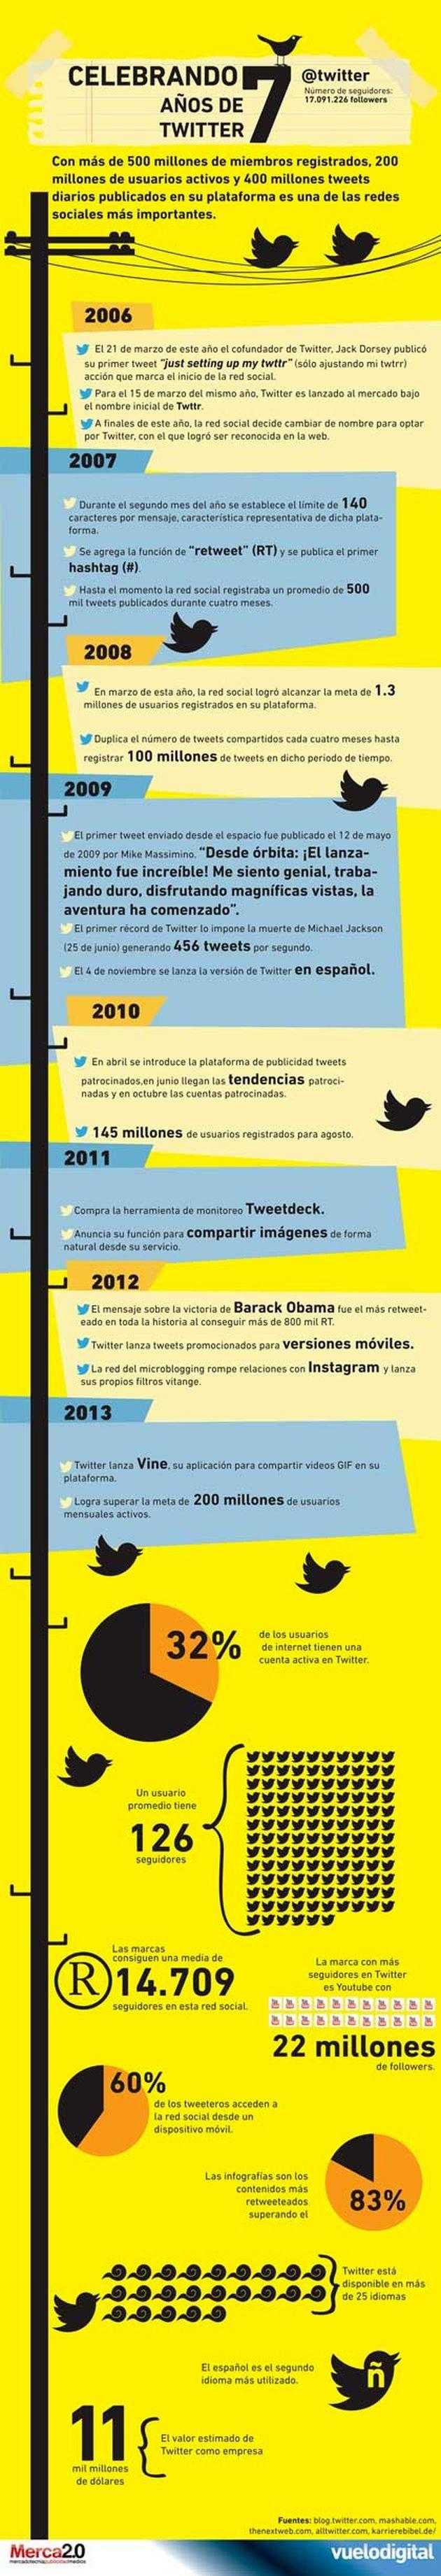 Una infografía, en español, para conmemorar el séptimo aniversario de Twitter